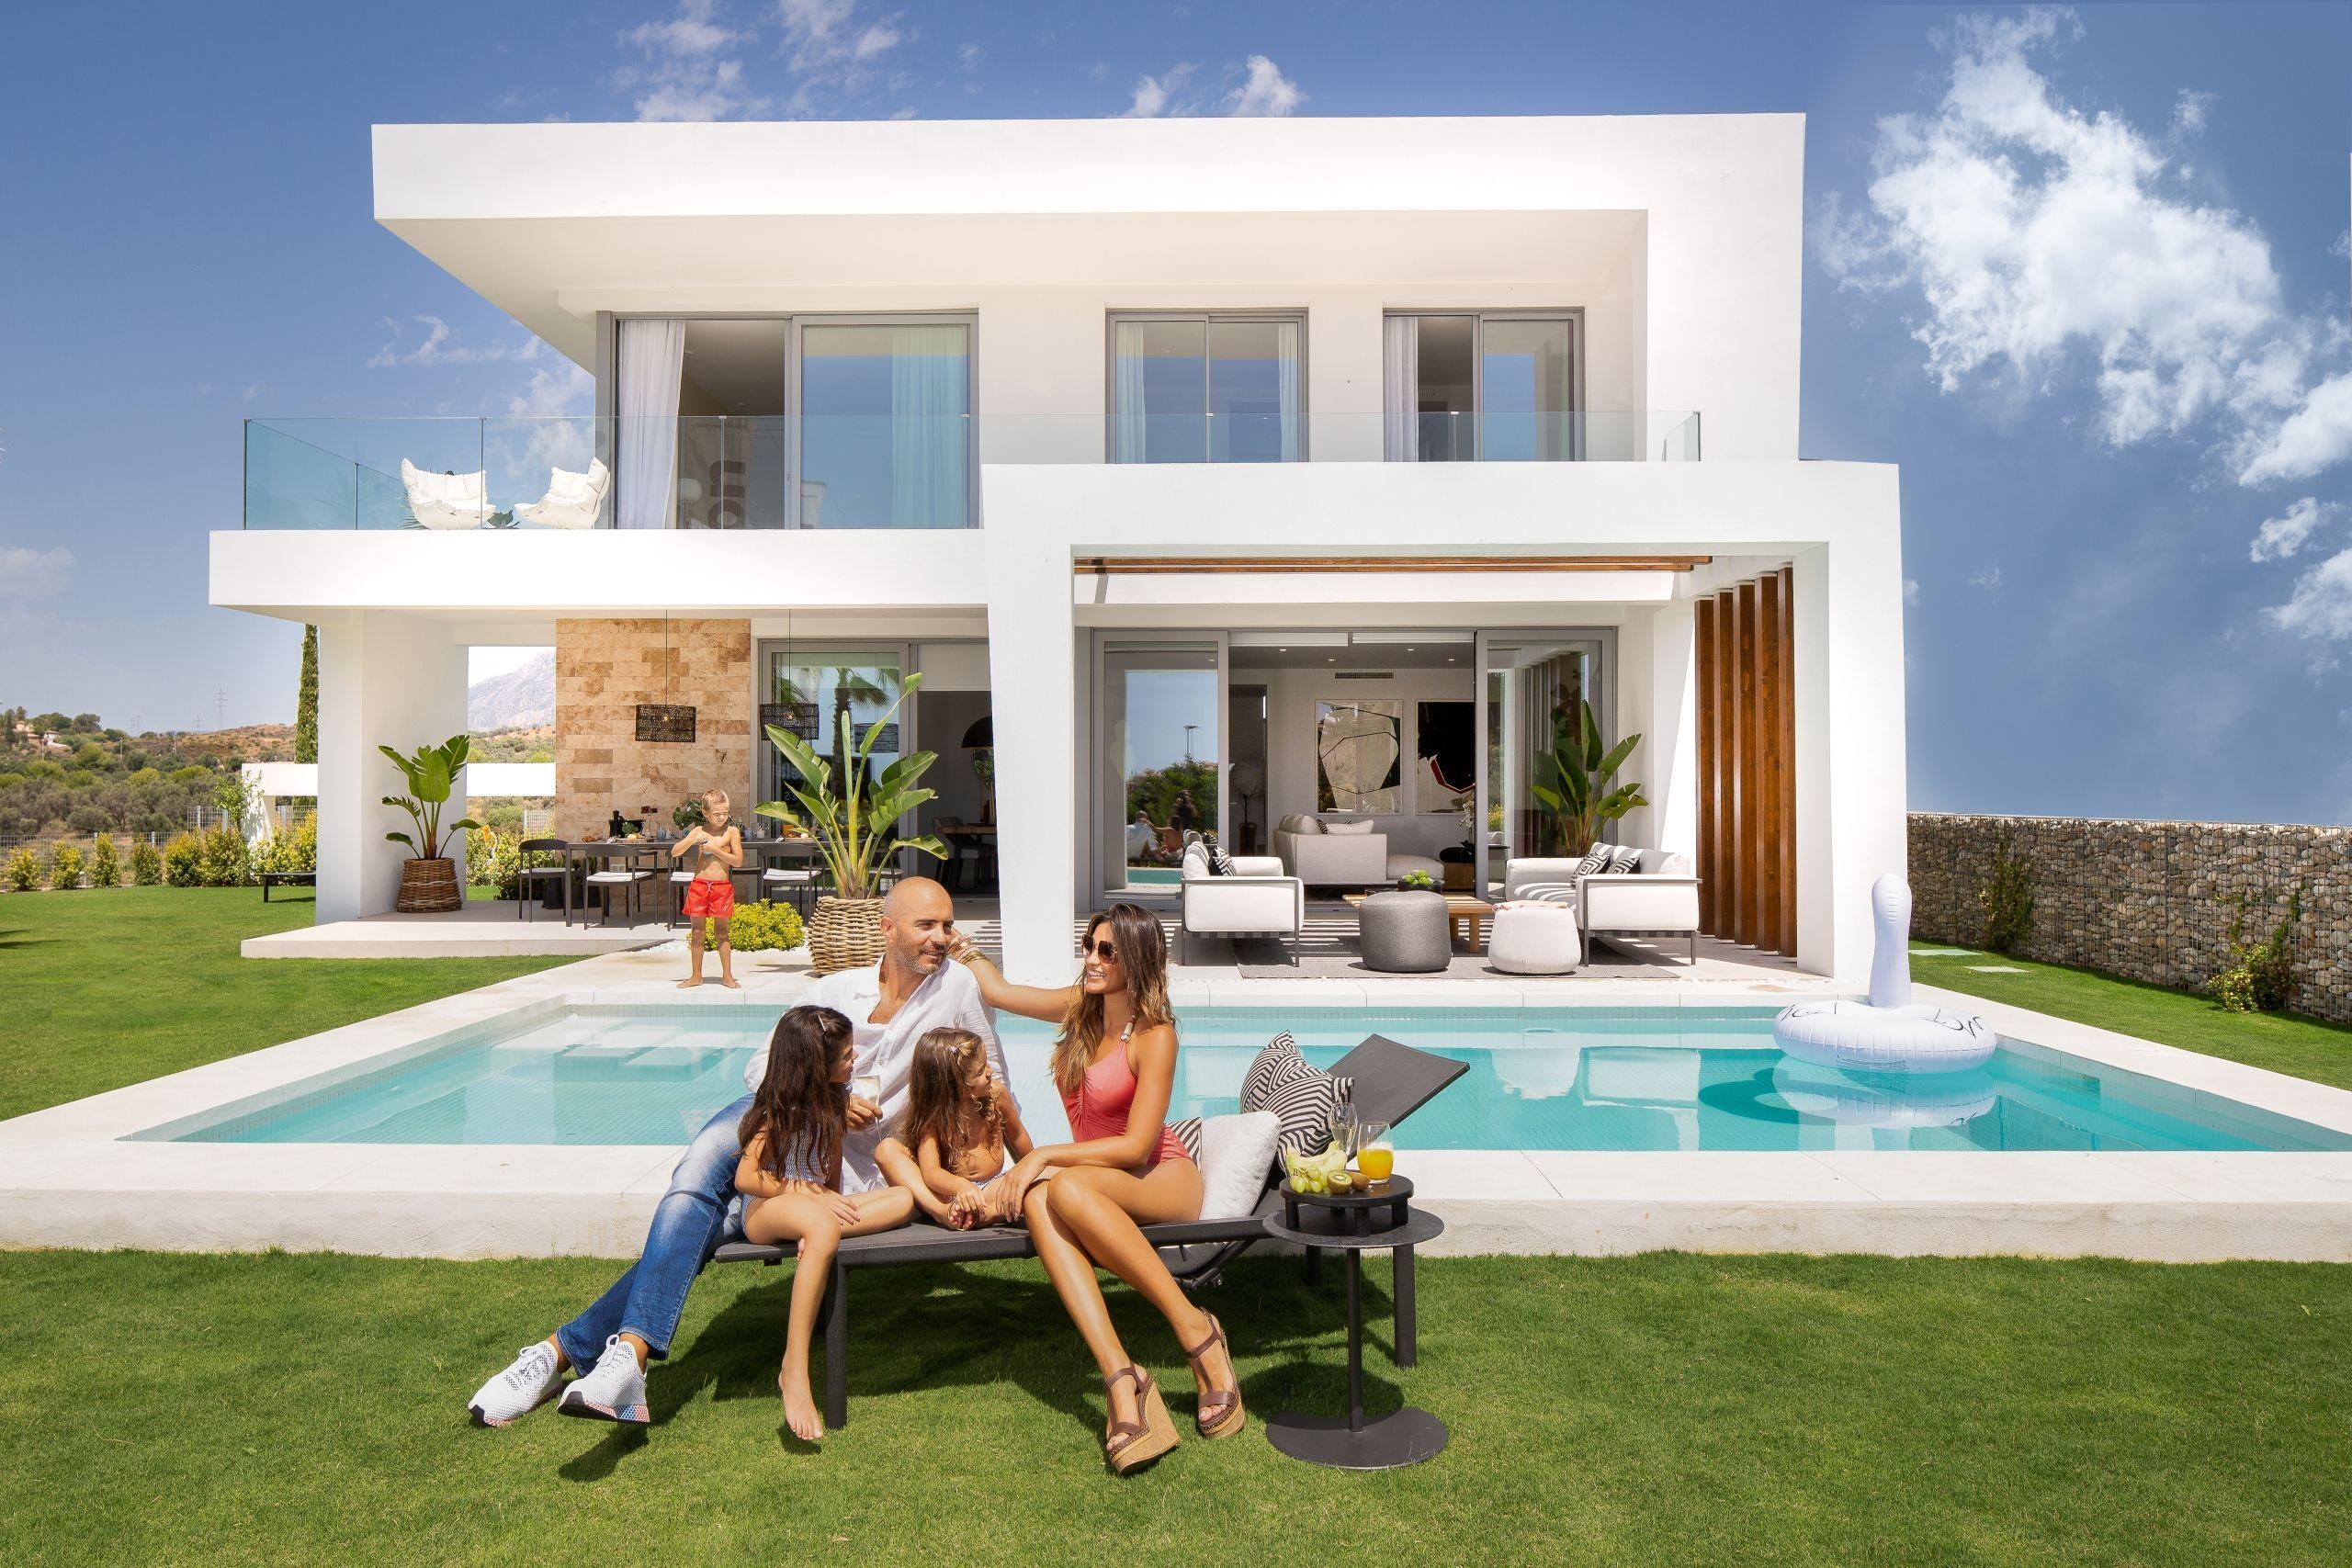 ¿Quieres mudarte a una casa moderna en Marbella este verano?